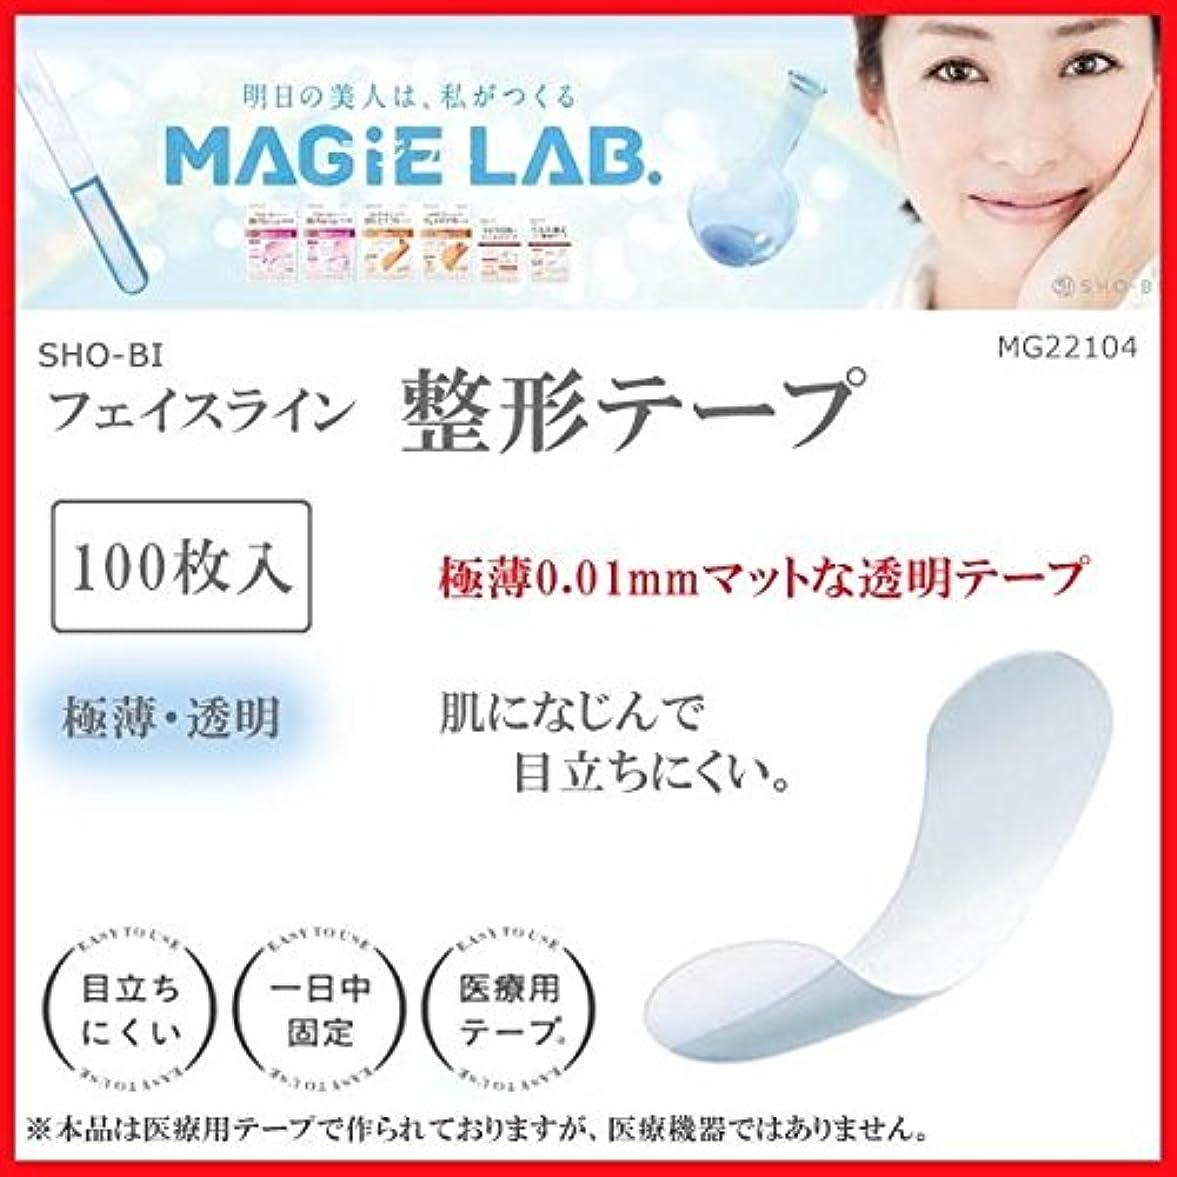 治世クラックポット評判SHO-BI MAGiE LAB.(マジラボ) フェイスライン整形テープ 100枚入 MG22104